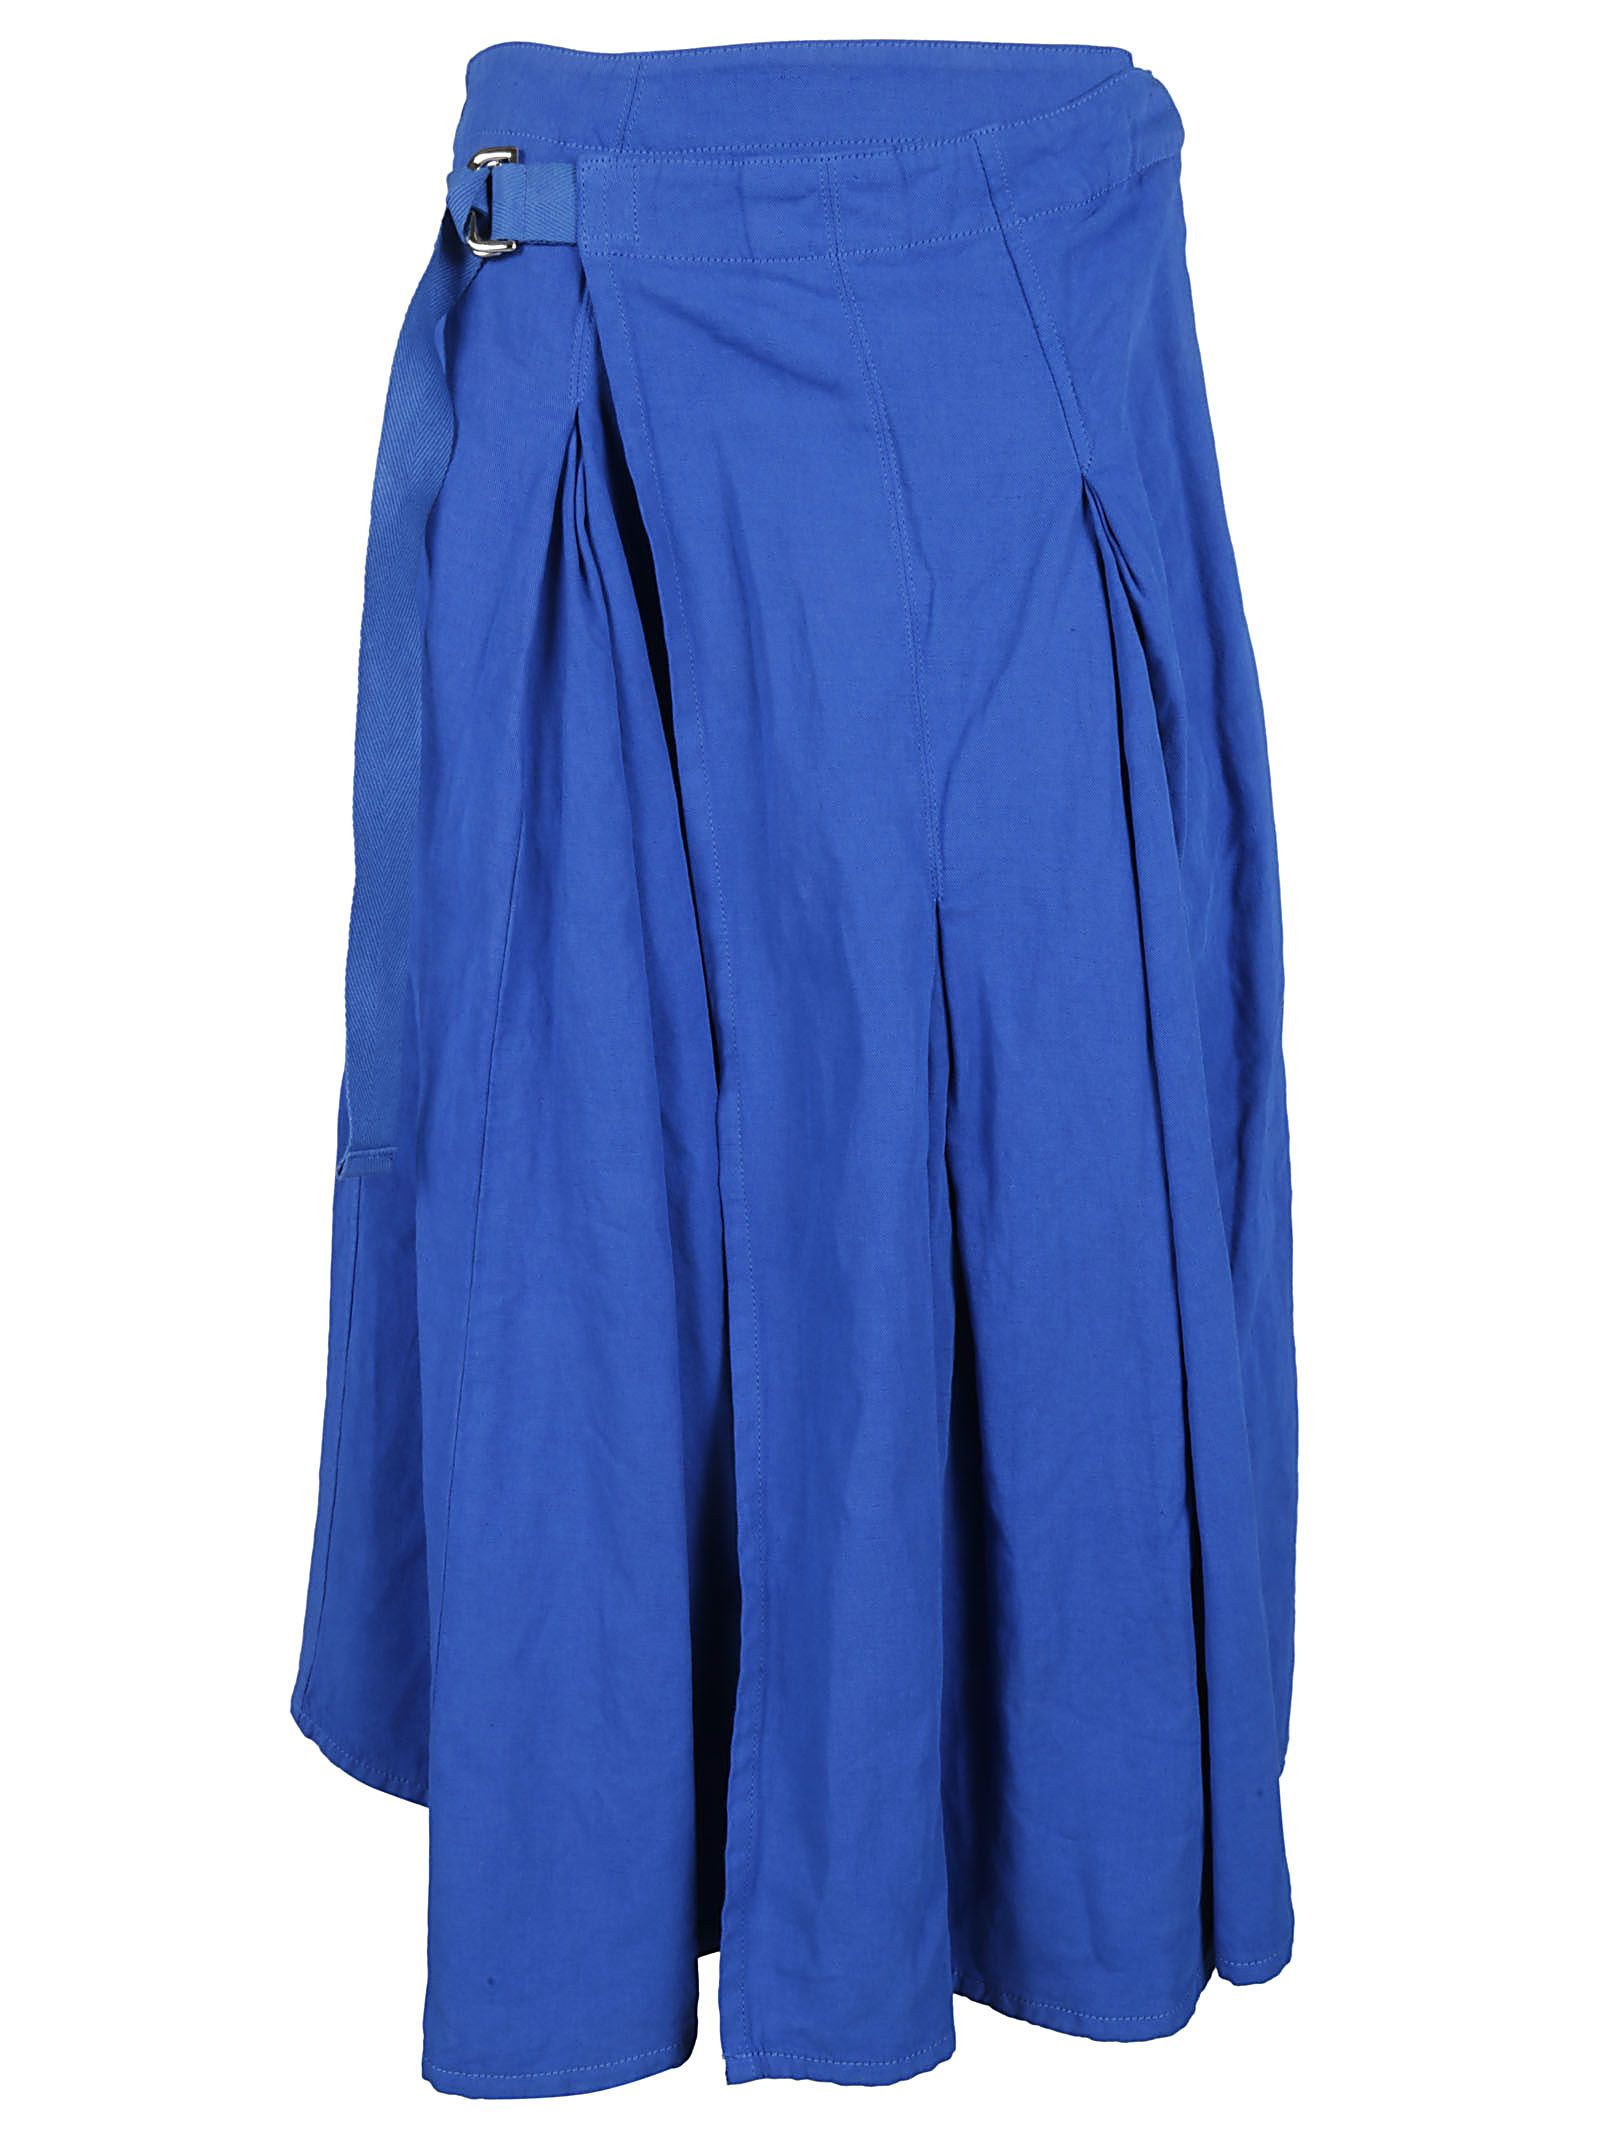 Zucca Wrap Skirt